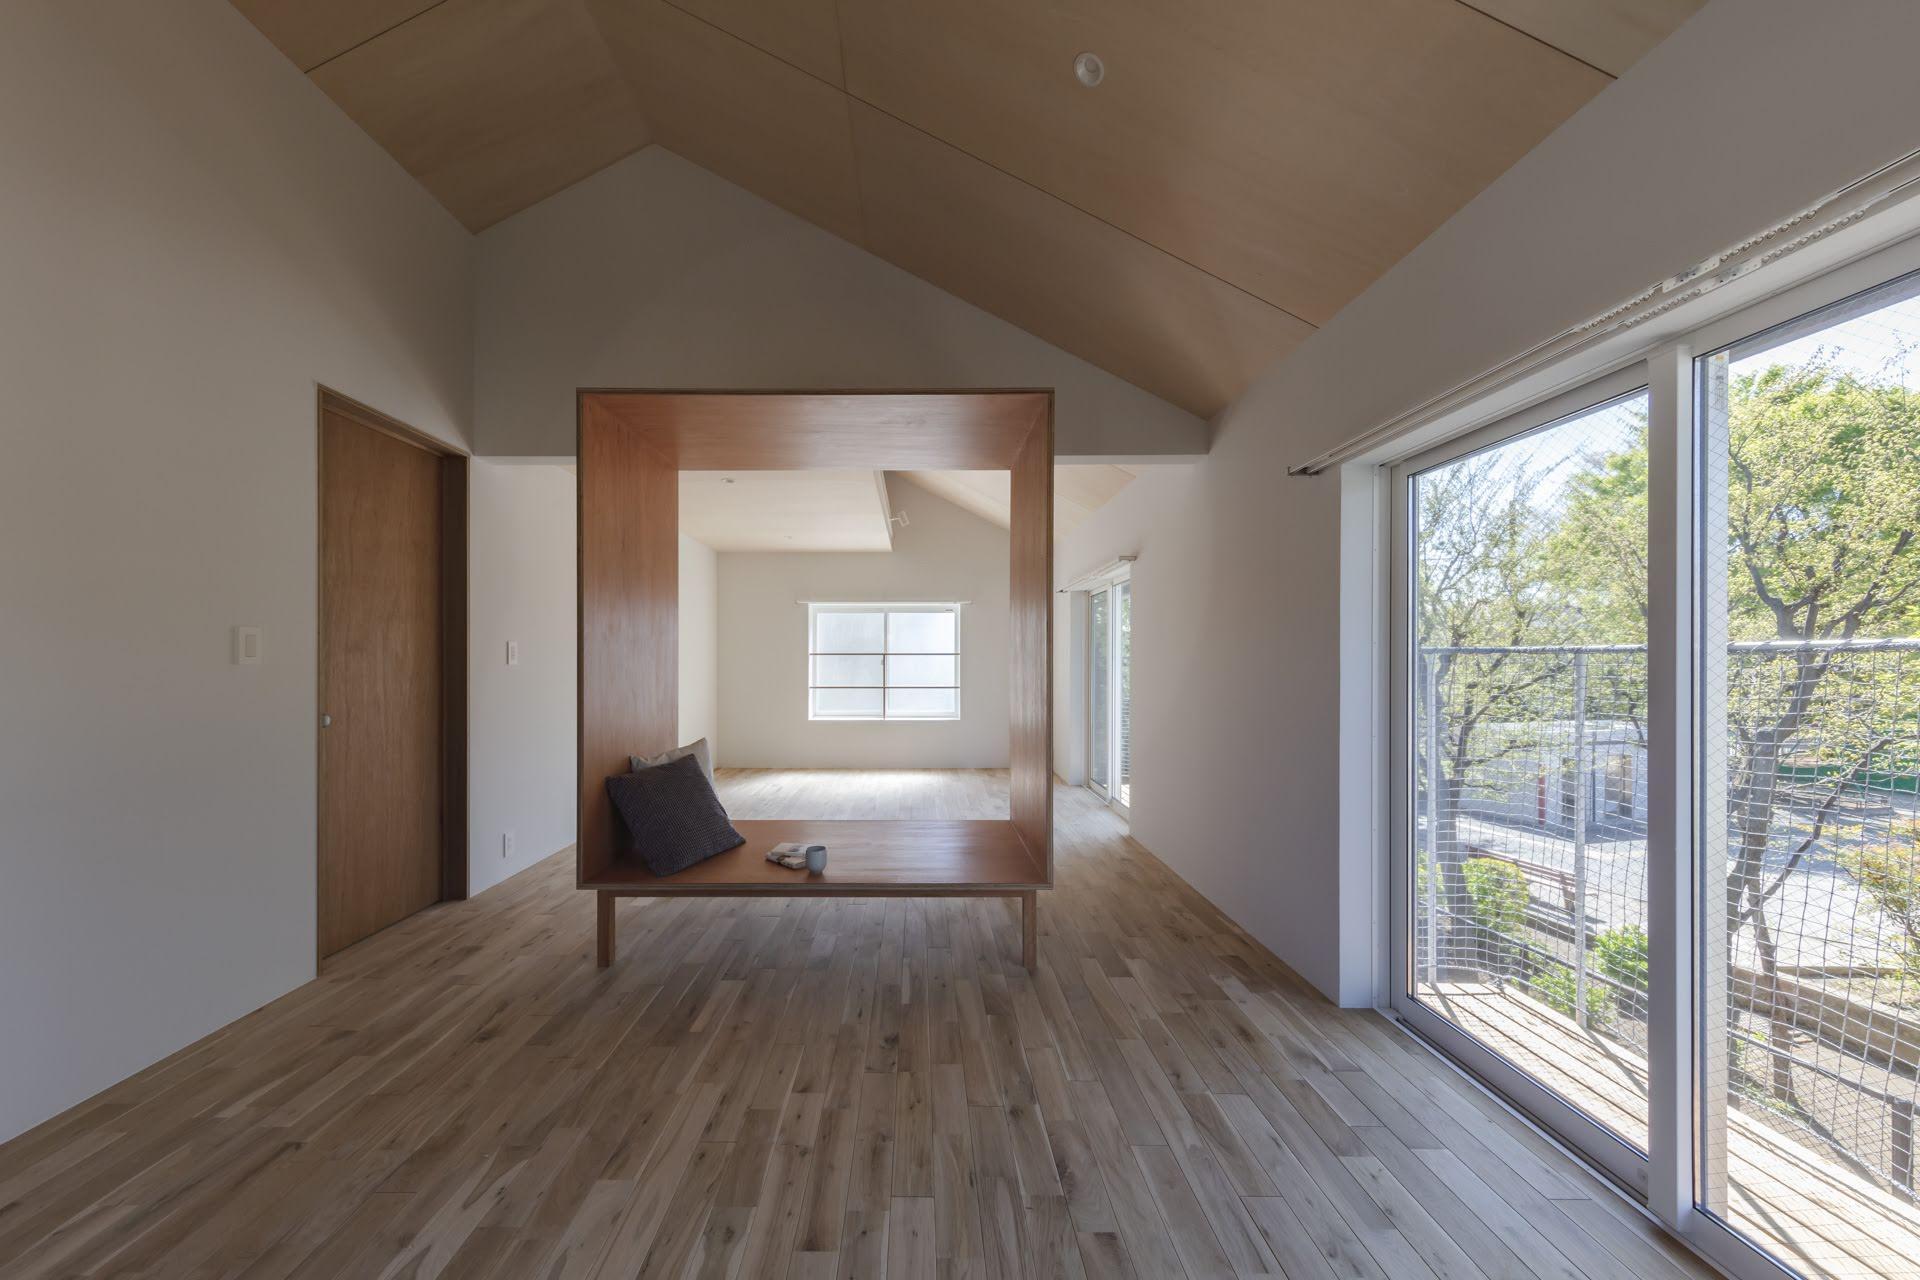 家具のような箱のような不思議なフレーム(撮影:高橋菜生)